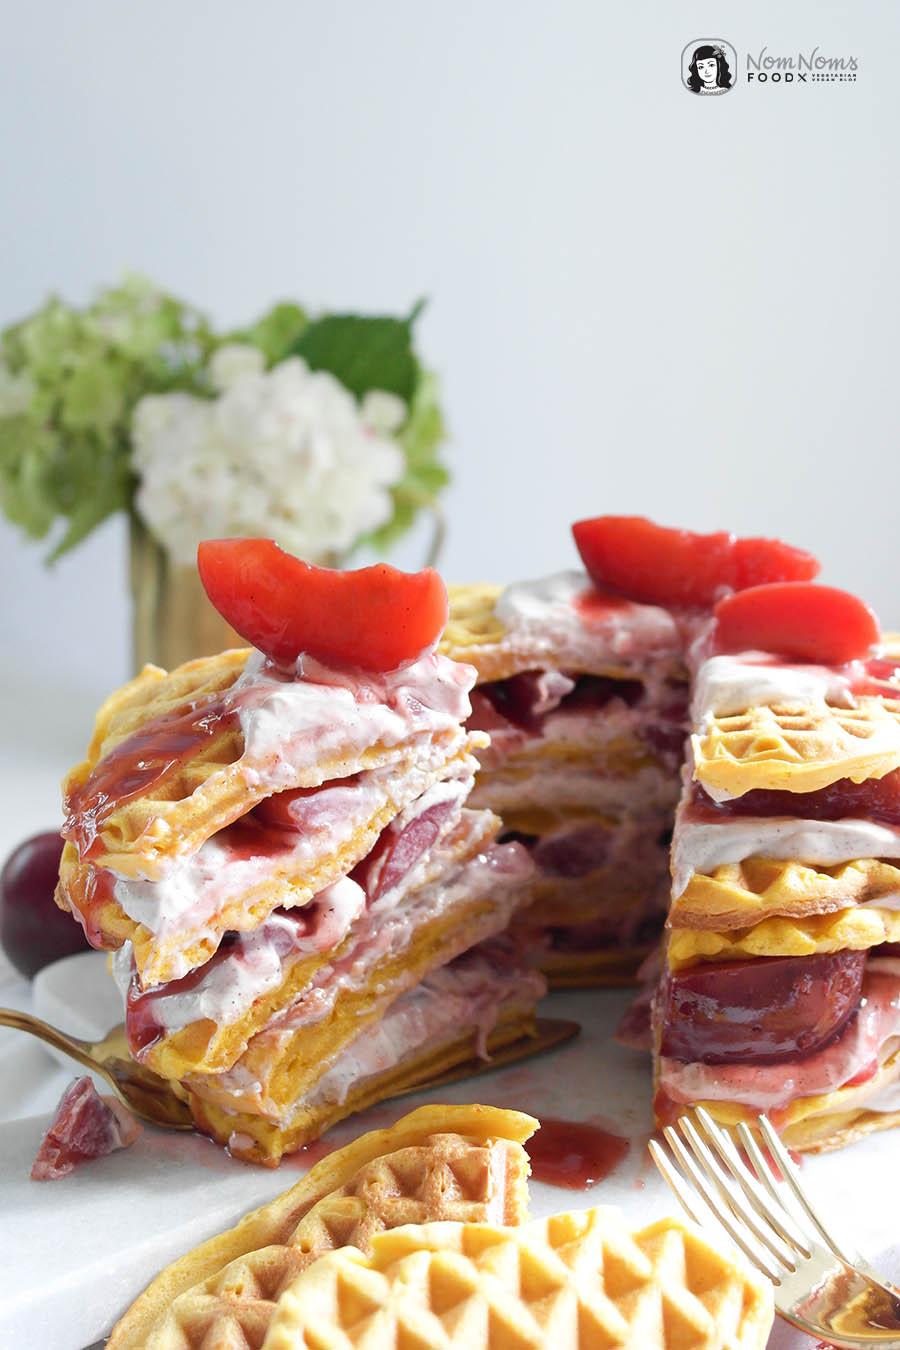 Vegane Kürbis-Waffel-Torte mit veganer Crème fraîche, Zimtcreme und Pflaumen-Kompott